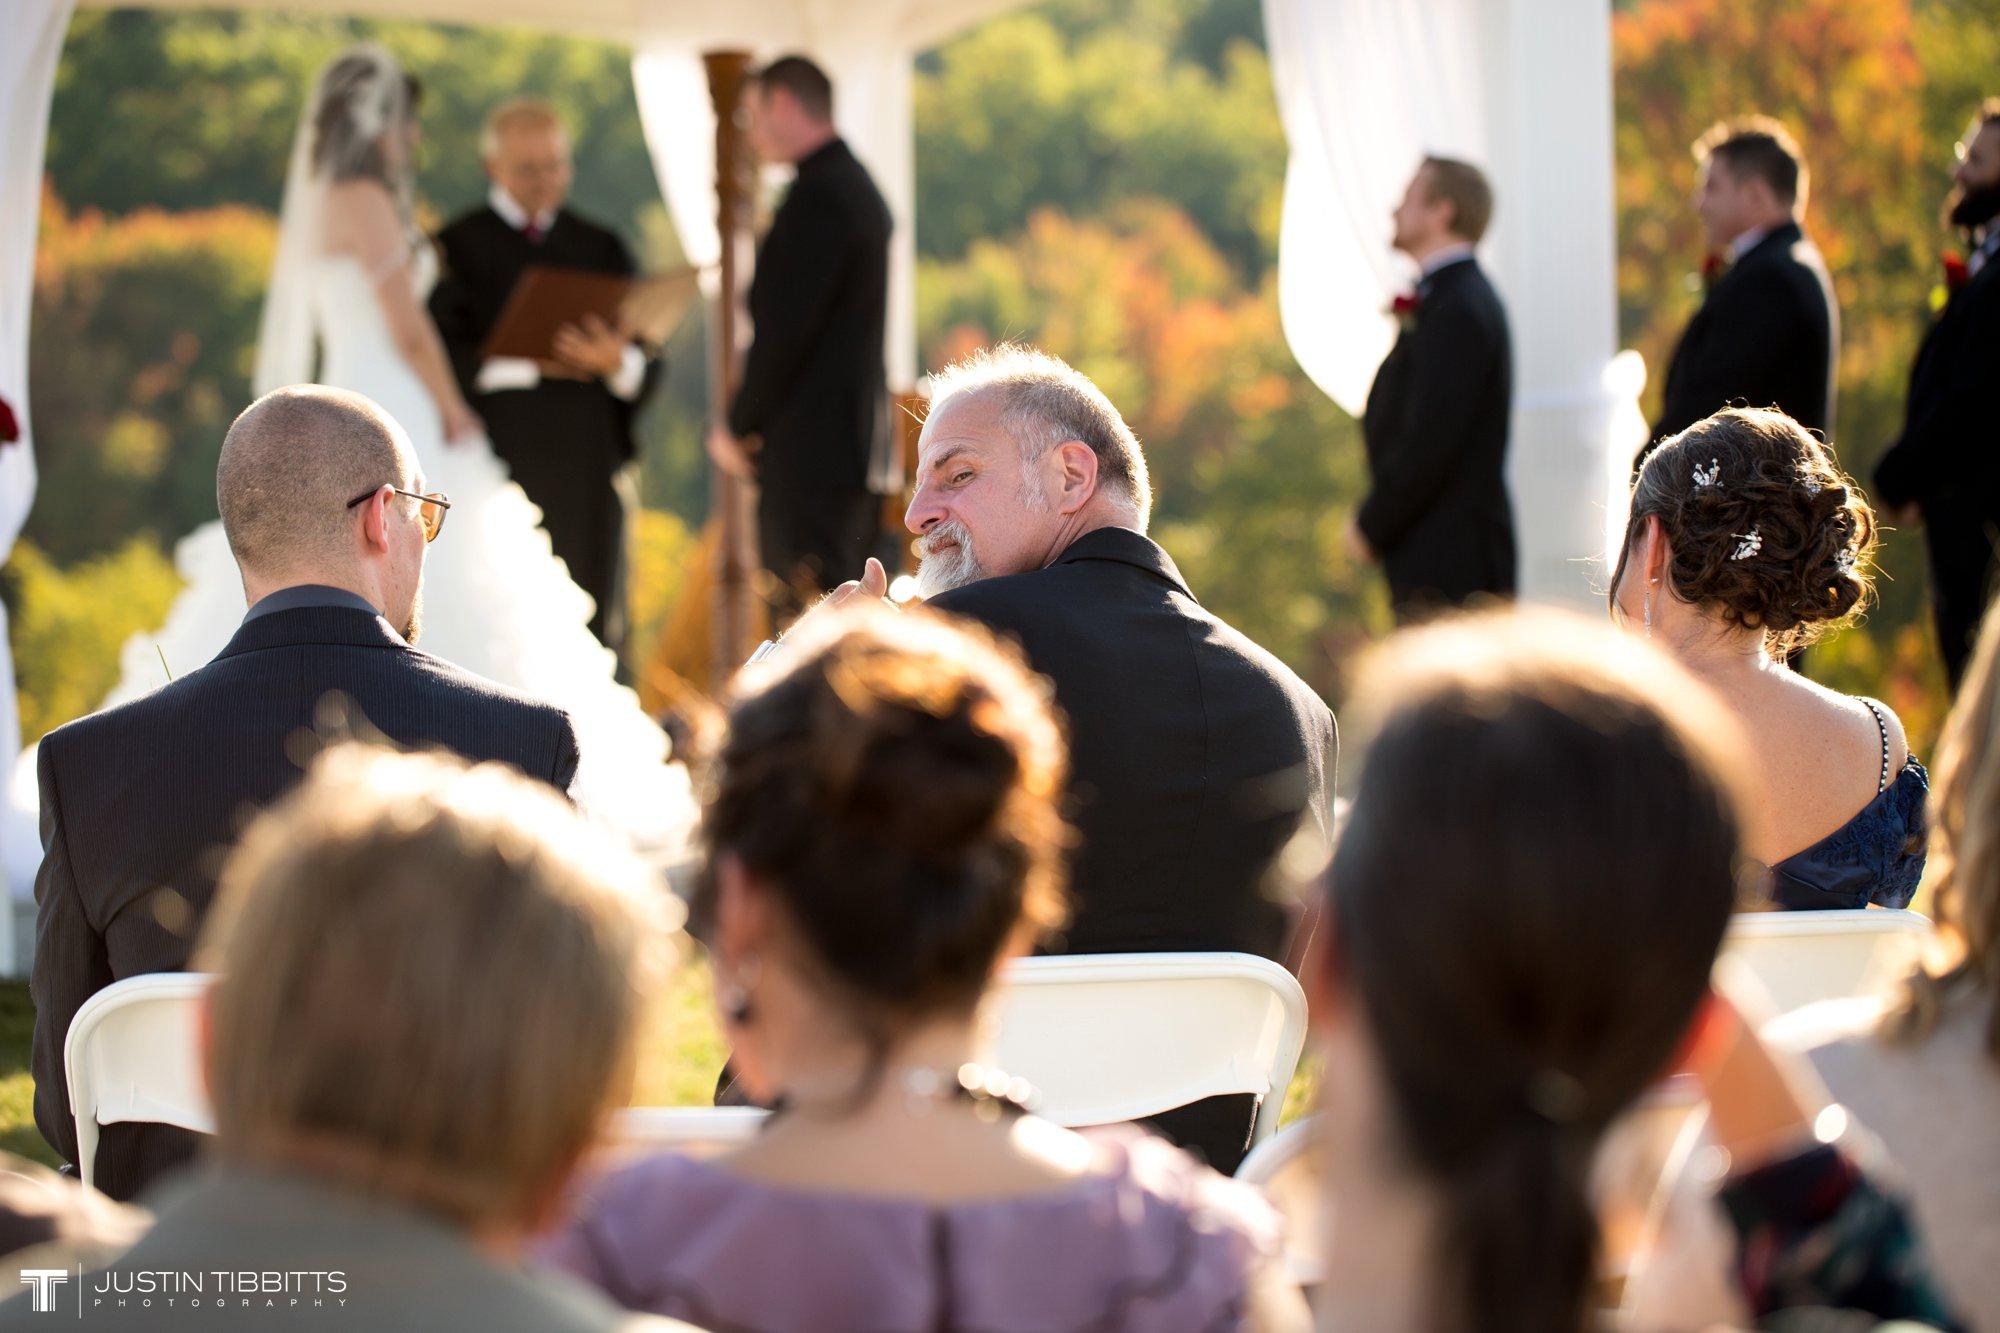 Albany NY Wedding Photographer Justin Tibbitts Photography 2014 Best of Albany NY Weddings-173297324